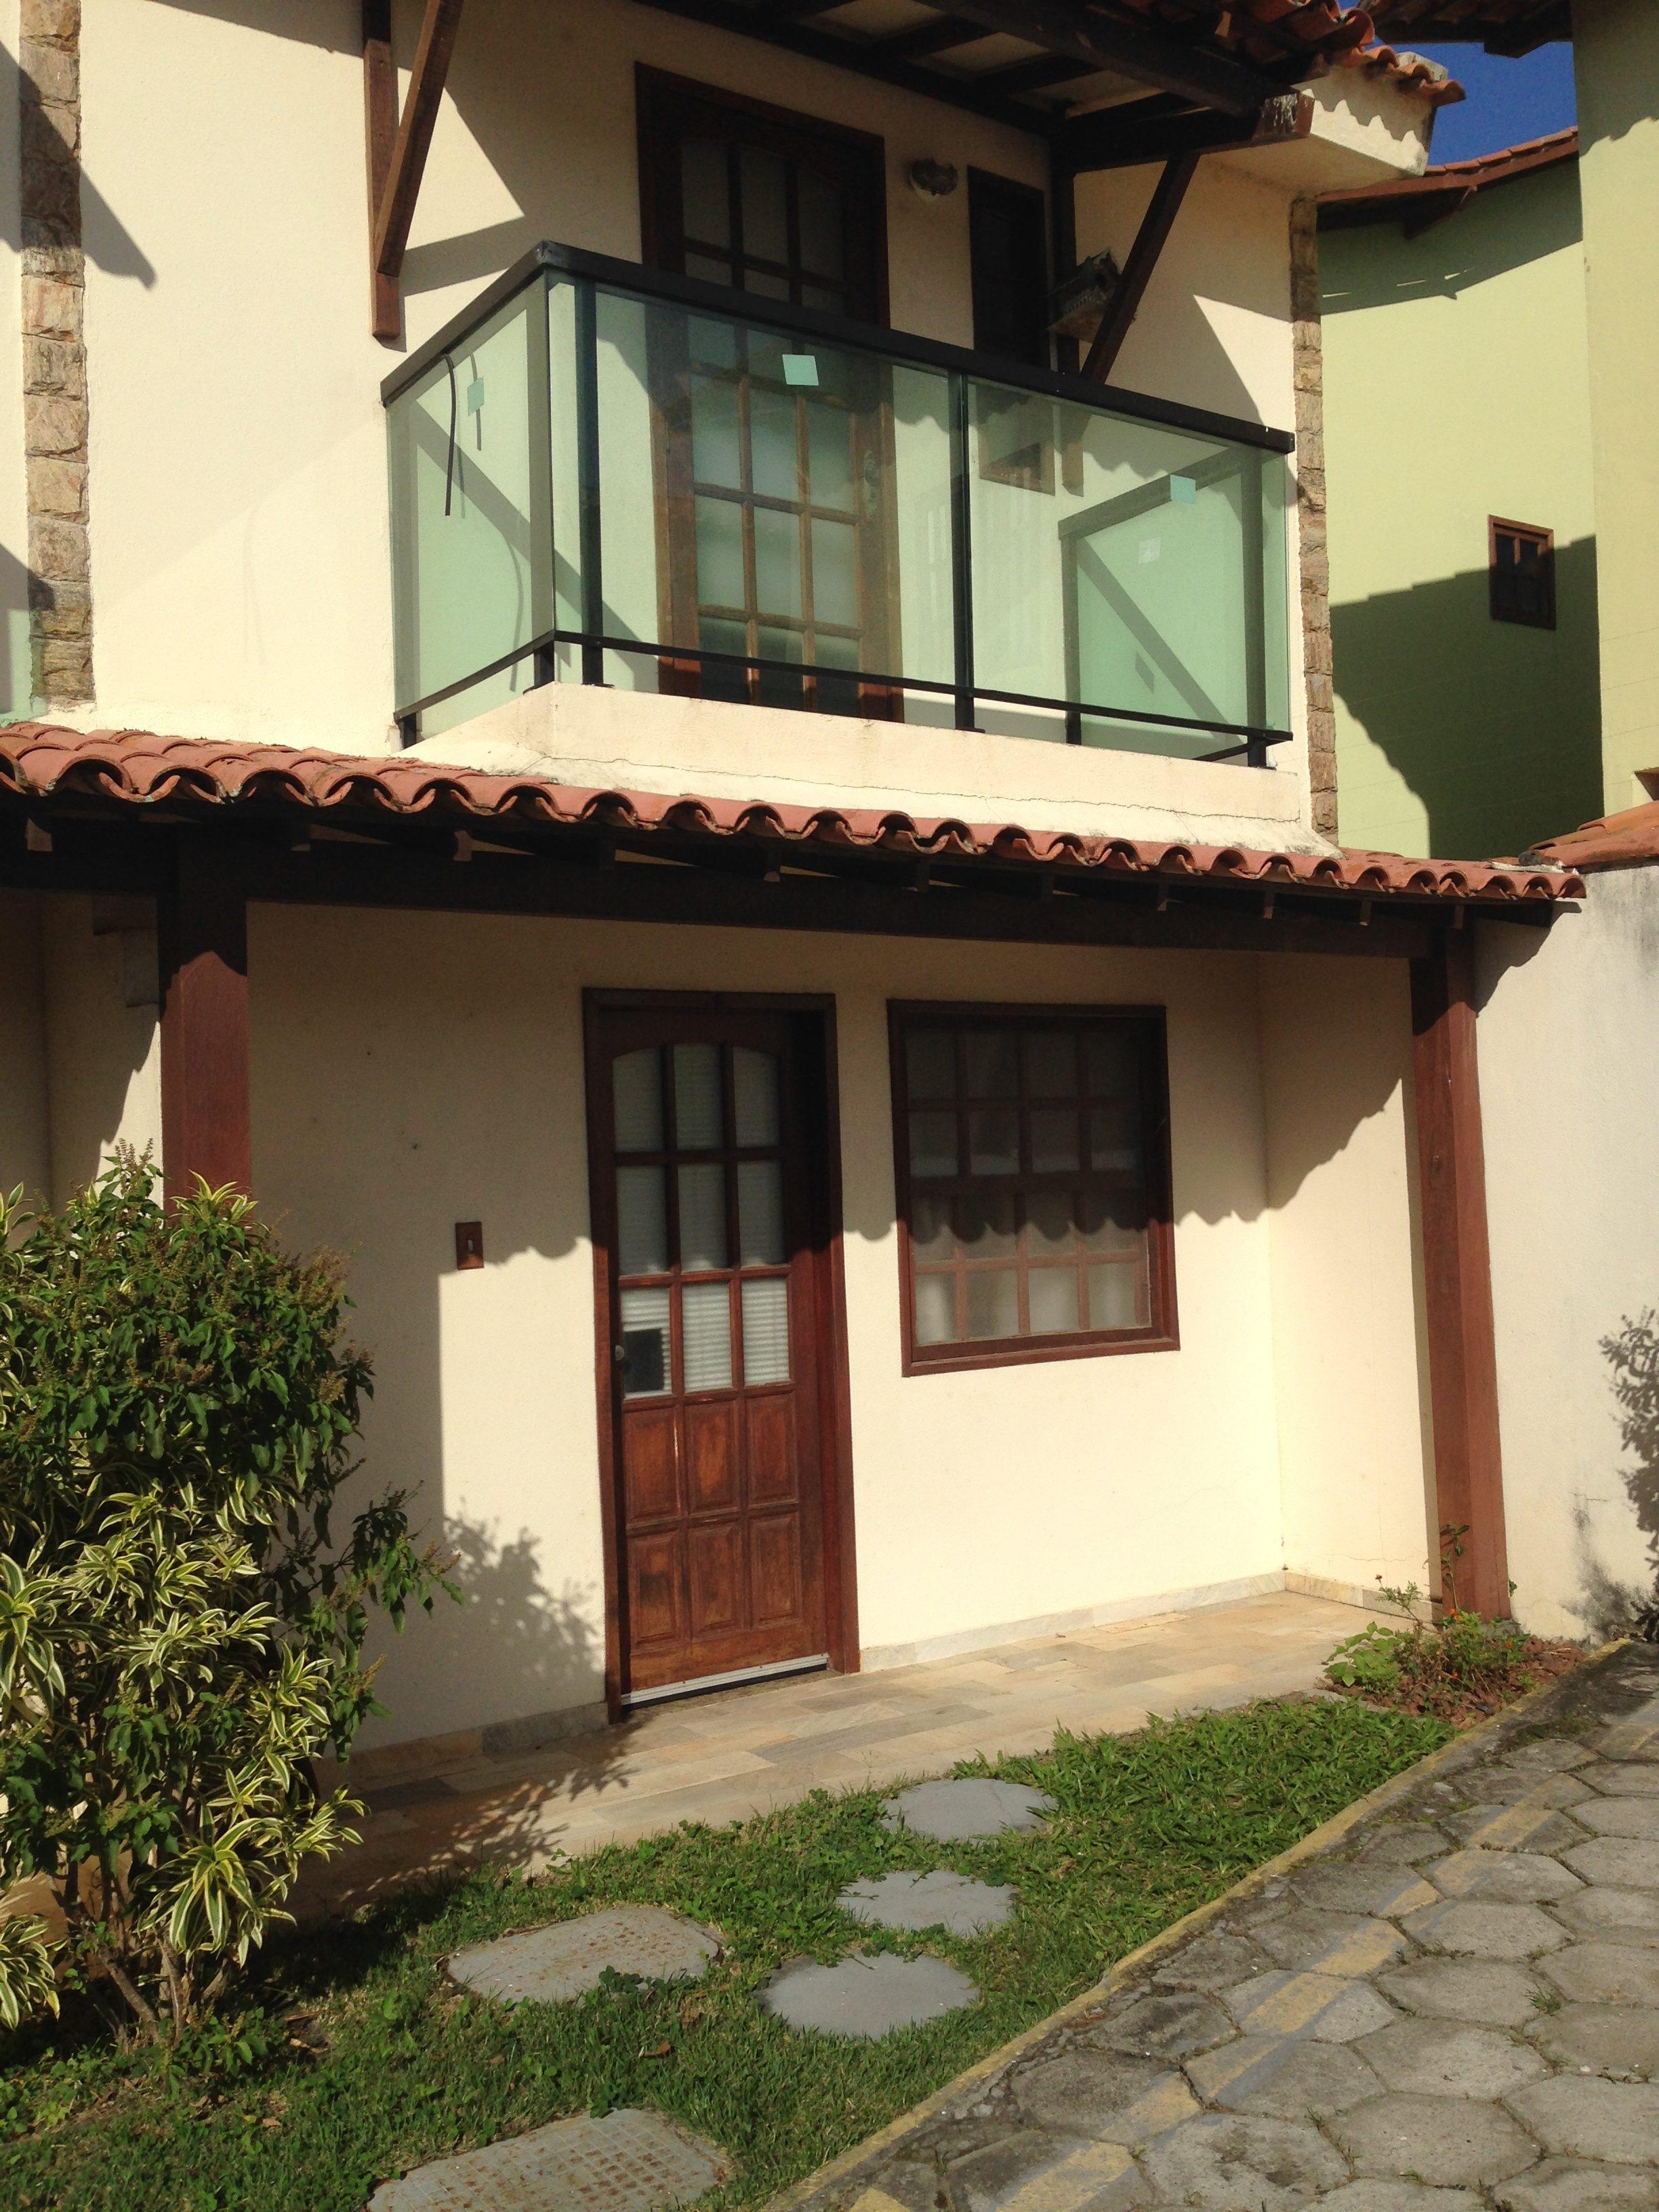 BRA – Residência duplex em Cabo Frio – RJ